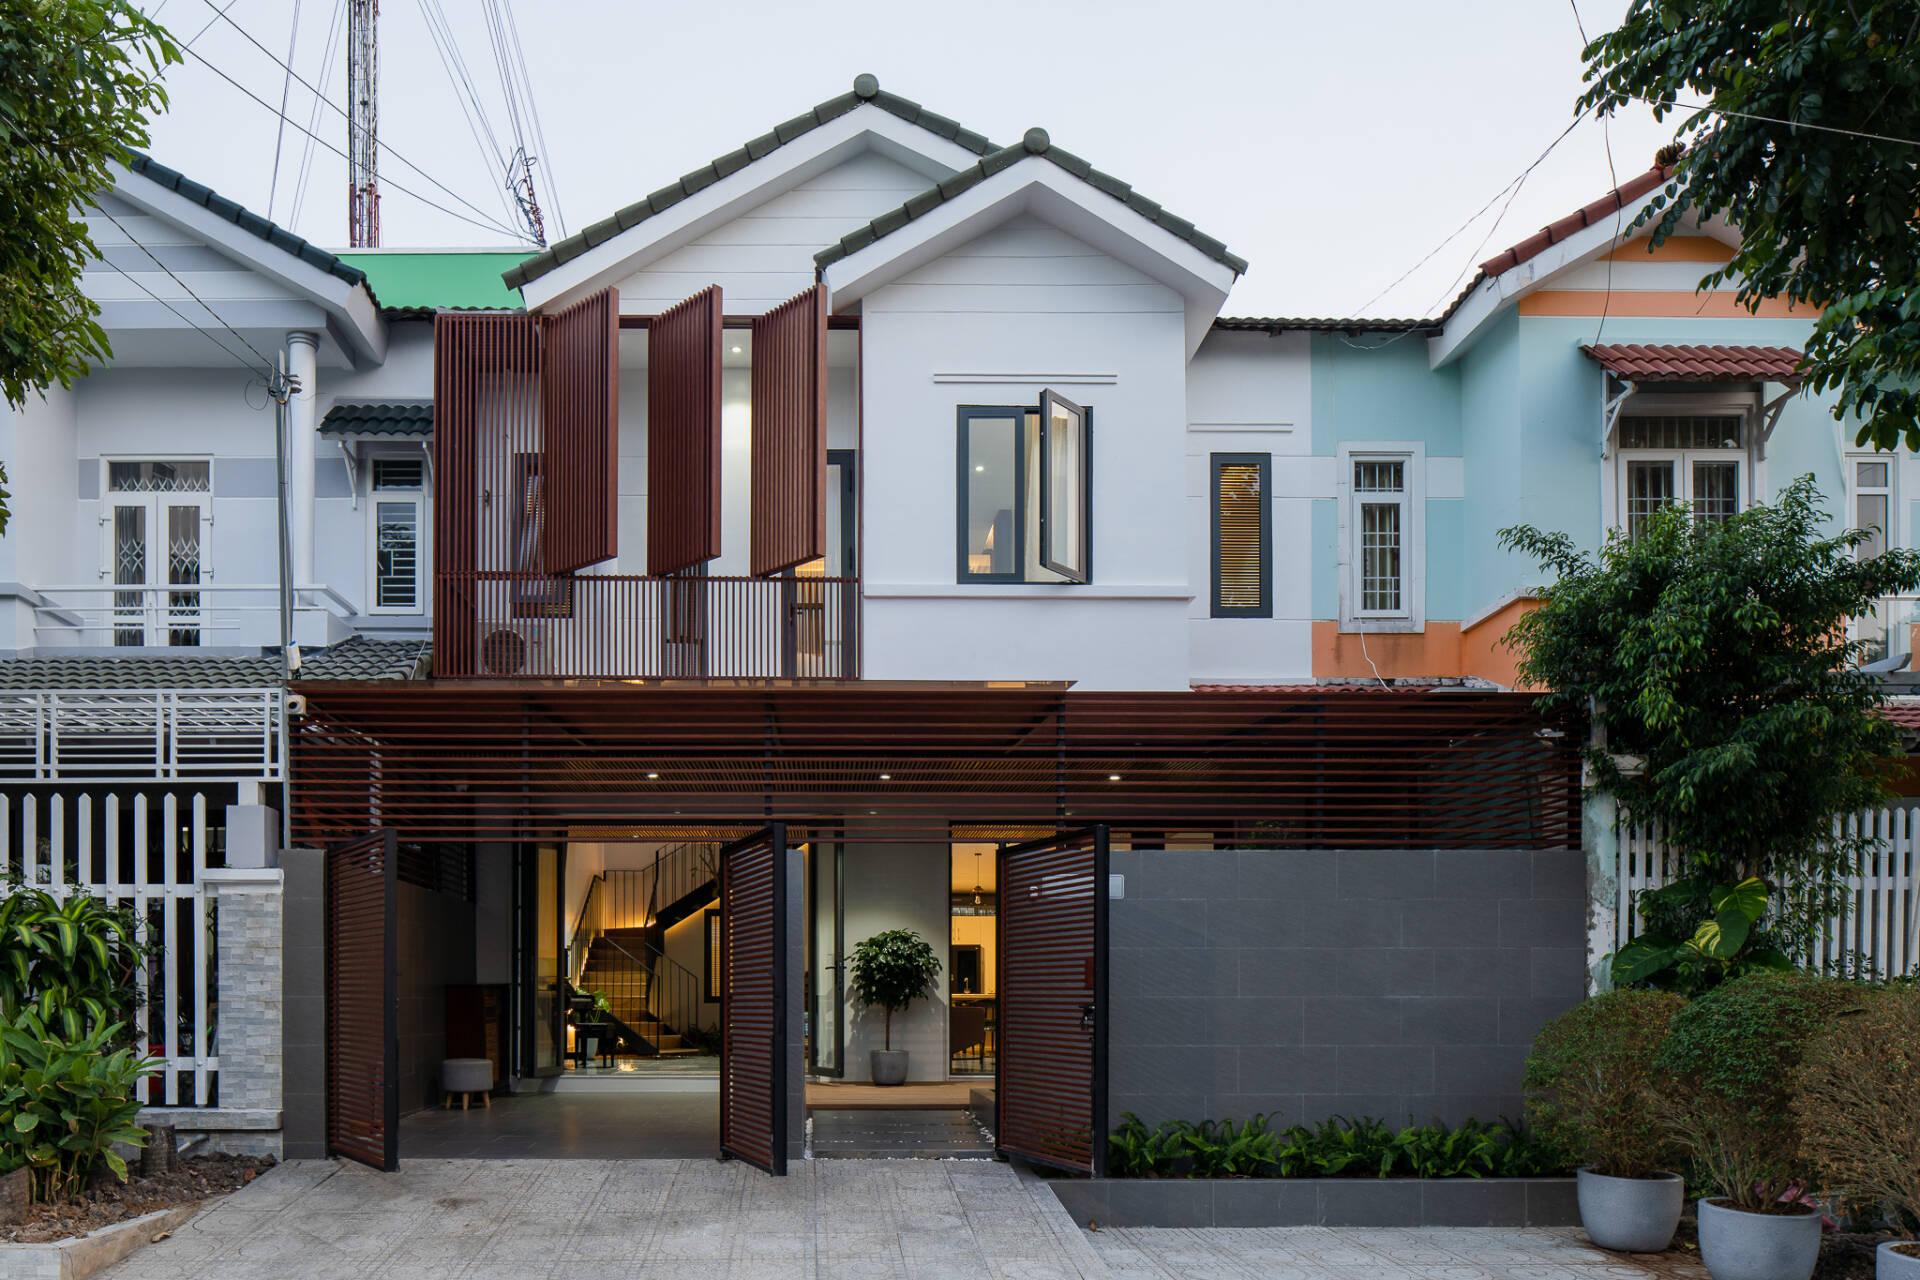 KG House vừa có nét chung vừa có nét riêng biệt, khác lạ so với những ngôi nhà xung quanh